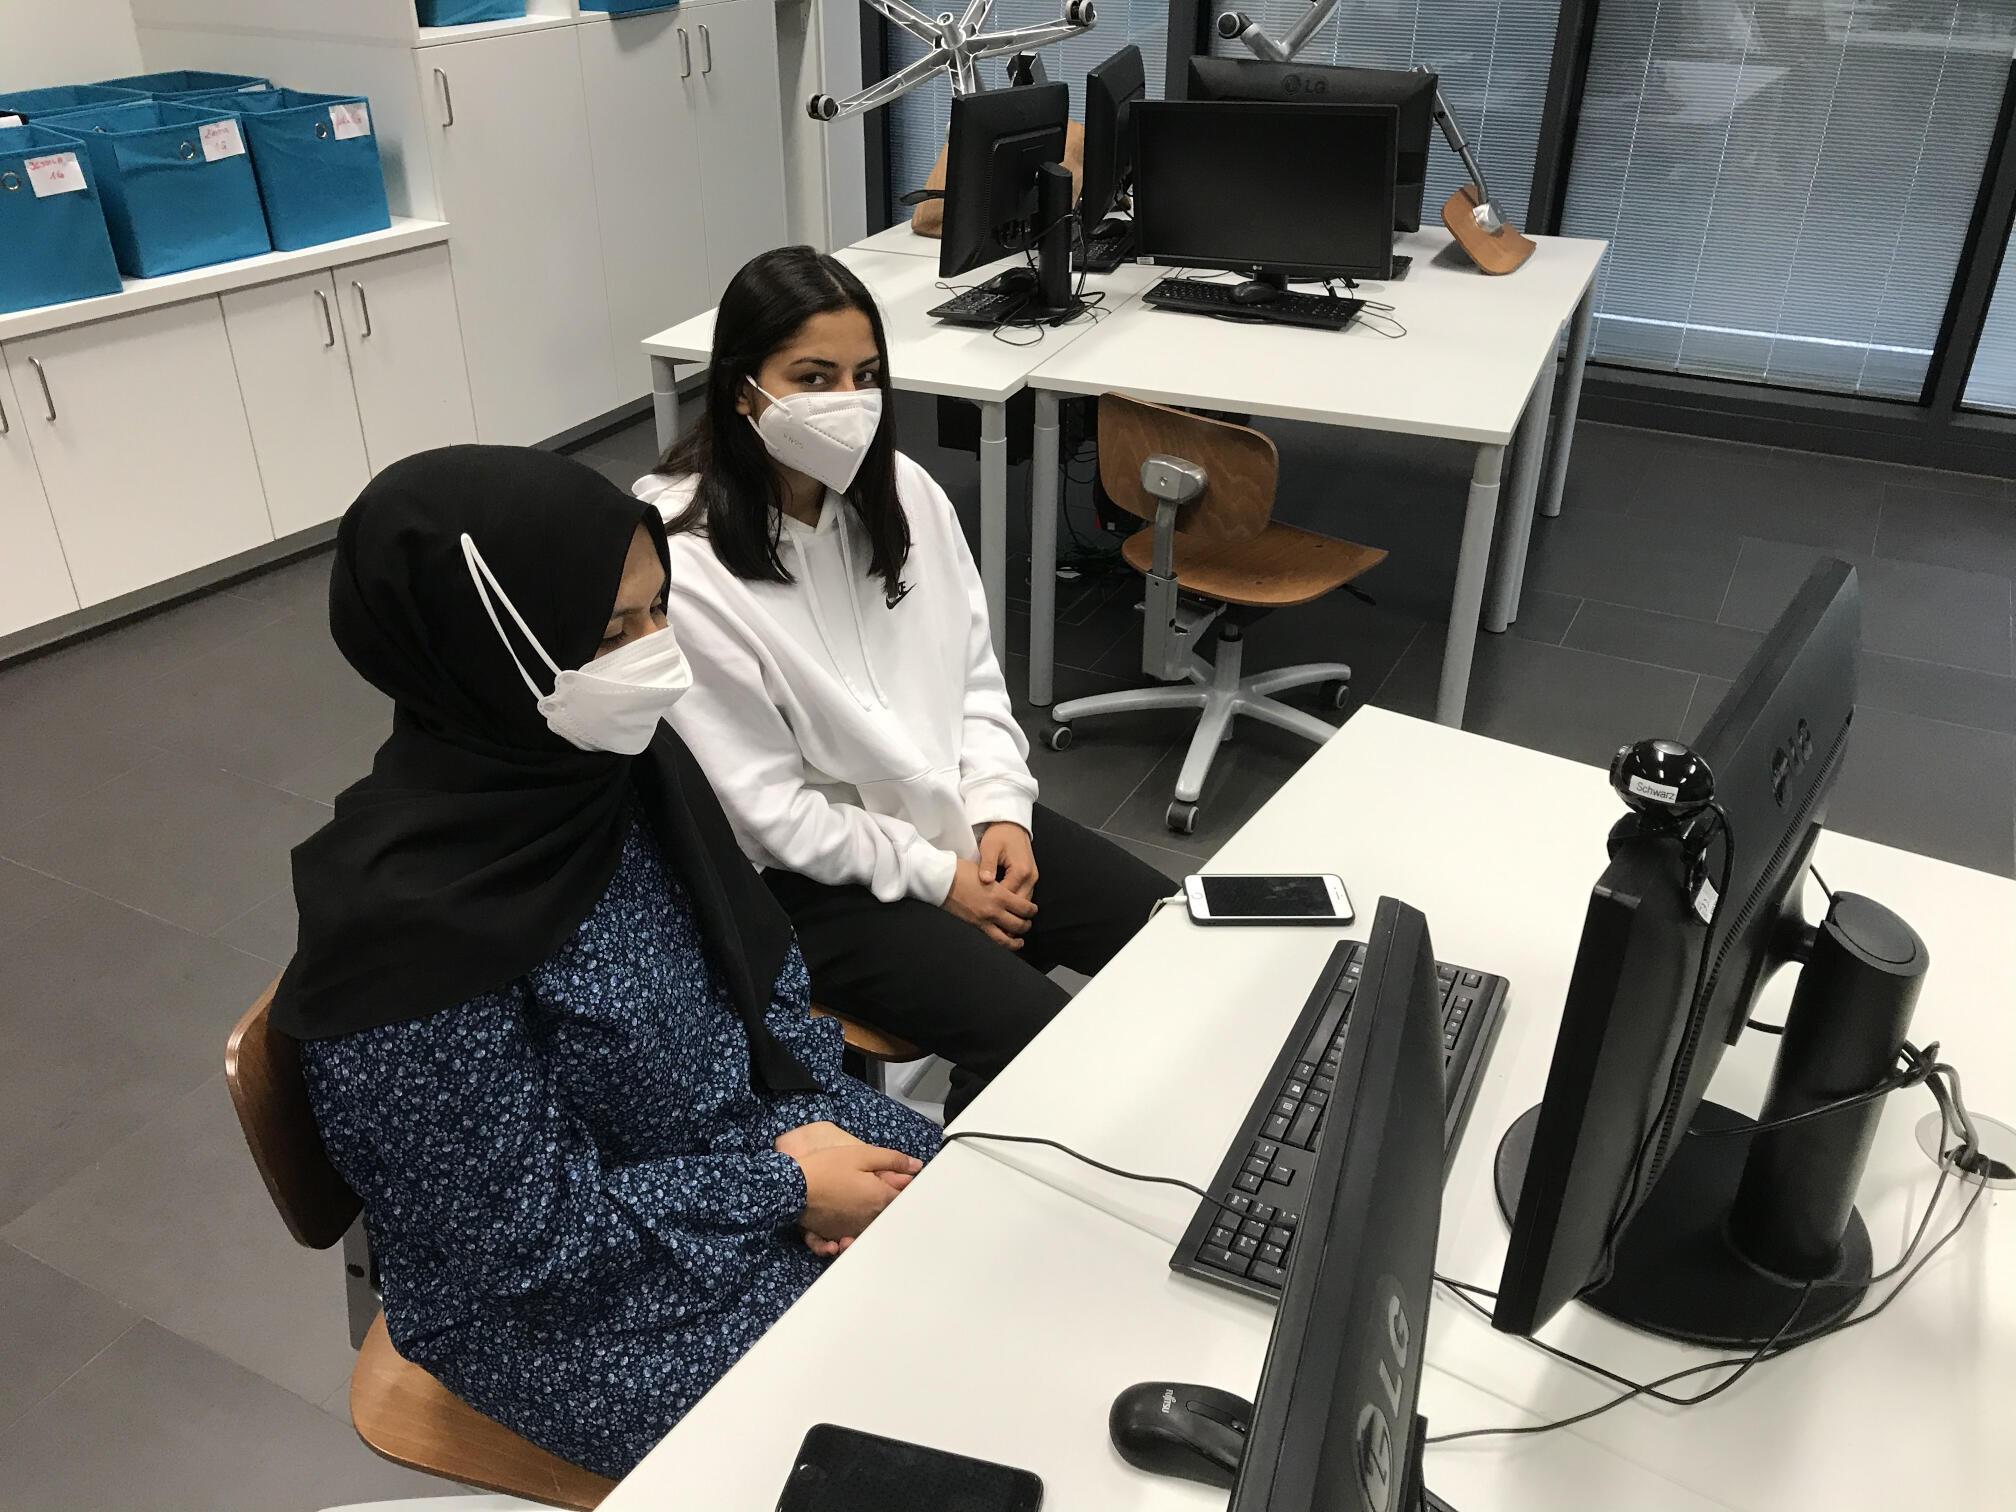 Zwei Lehrlinge sitzen an einem Tisch mit Computer